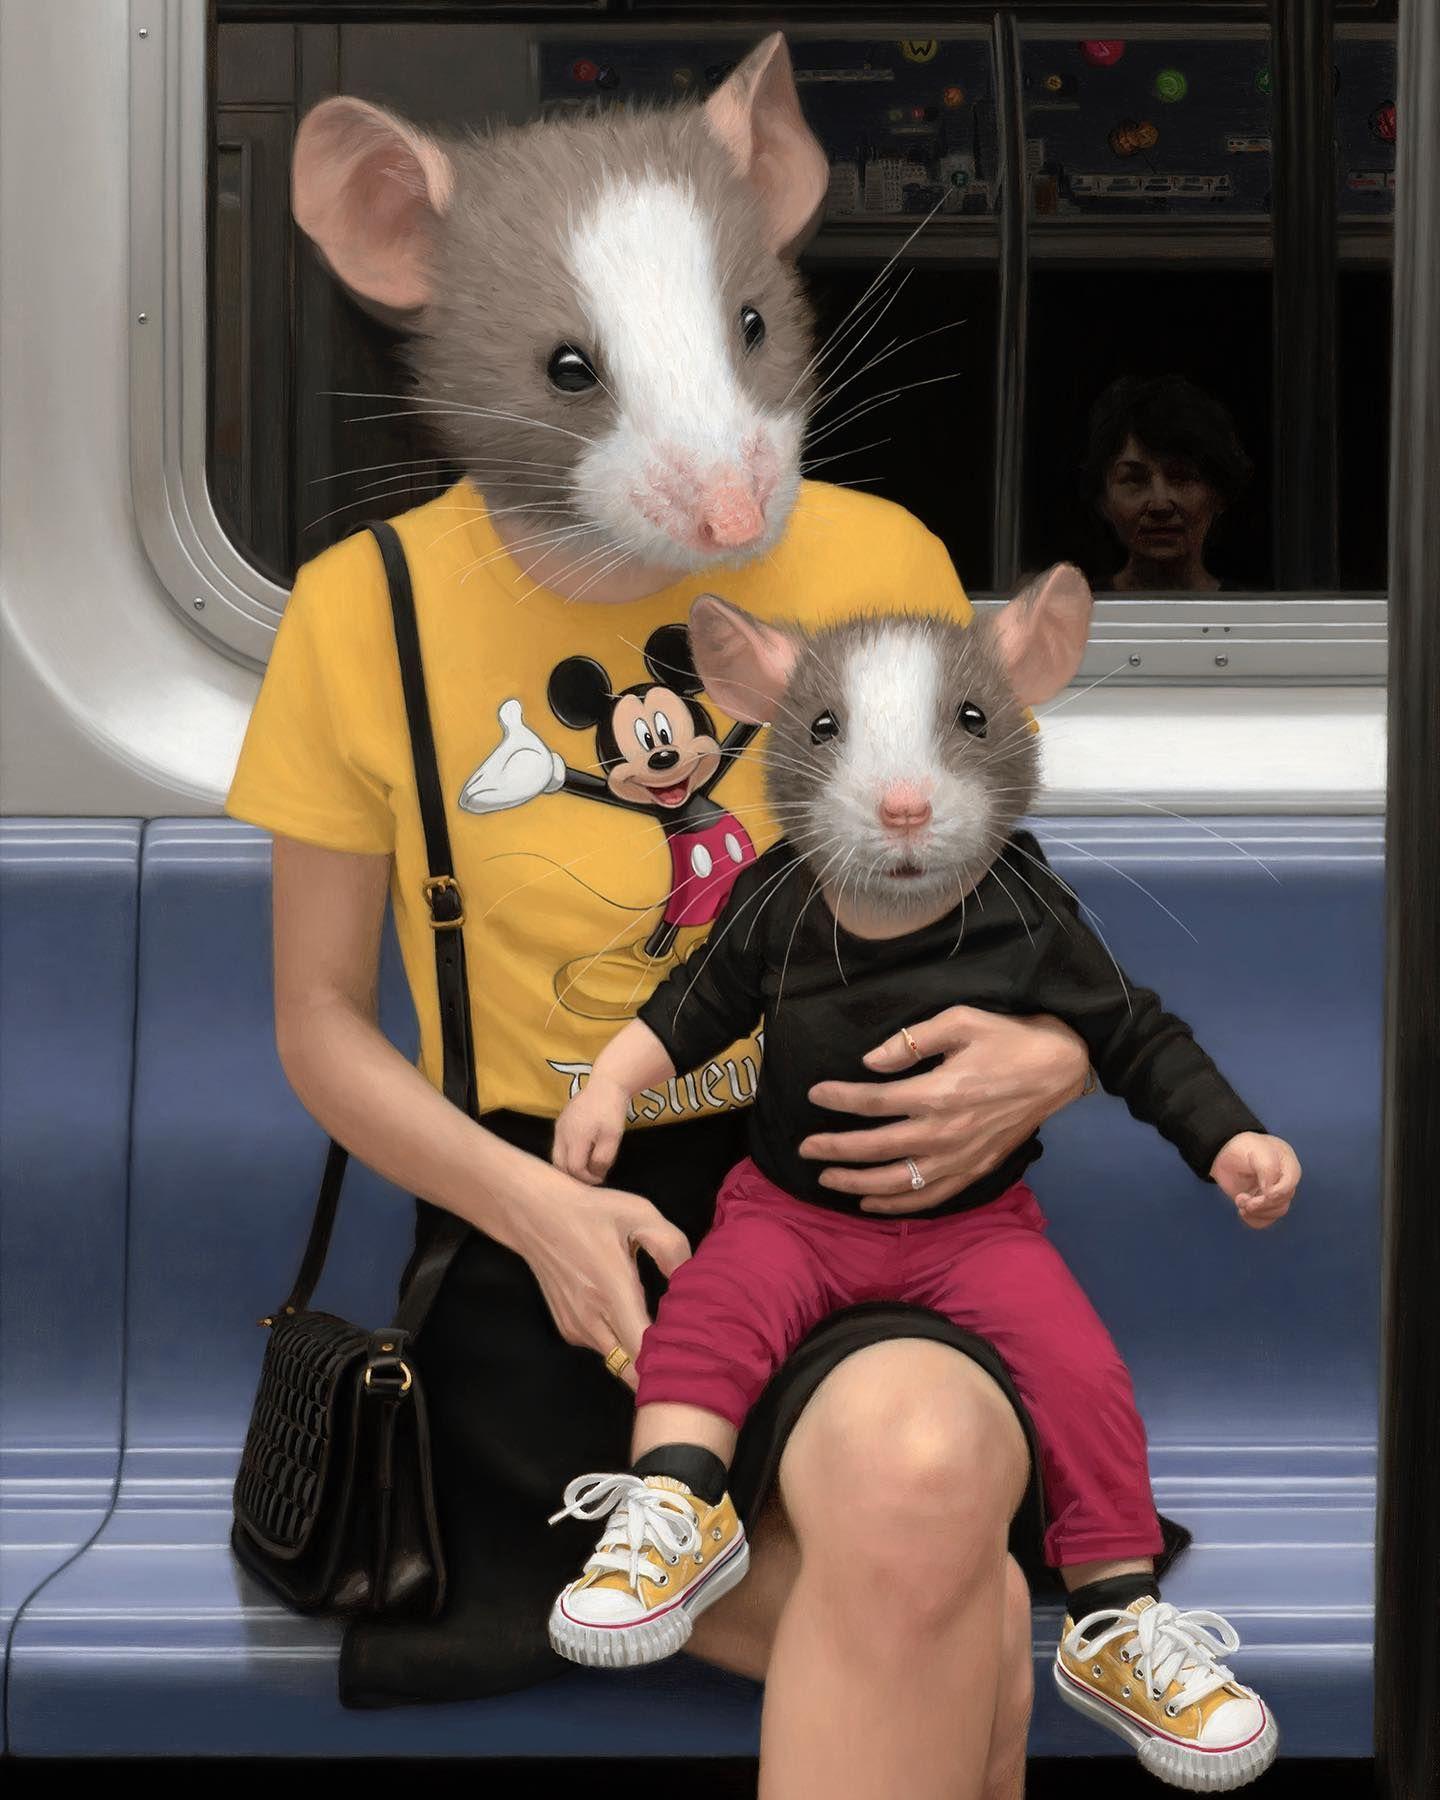 La Fauna Del Metro De Nueva York En La Pintura De Matthew Grabelsky Cultura Inquieta En 2020 Pintura Surrealista Cabezas De Animales Animales